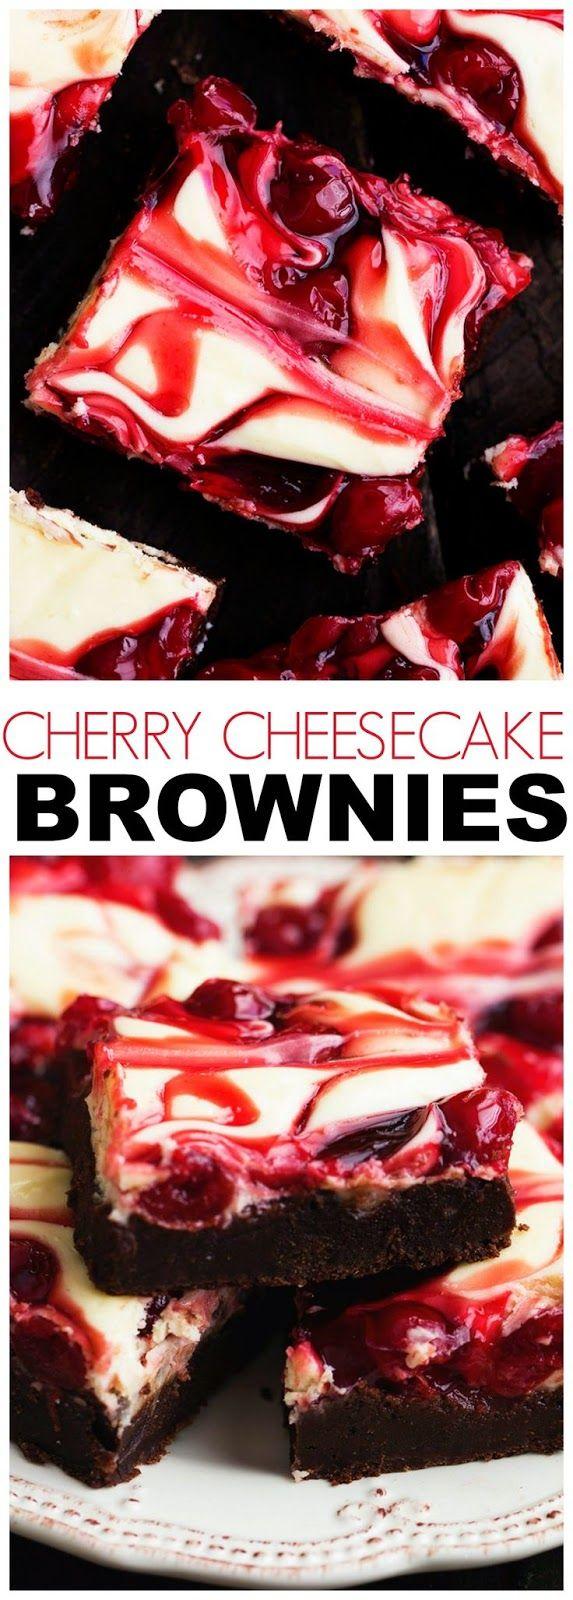 Cherry Cheesecake Brownies...